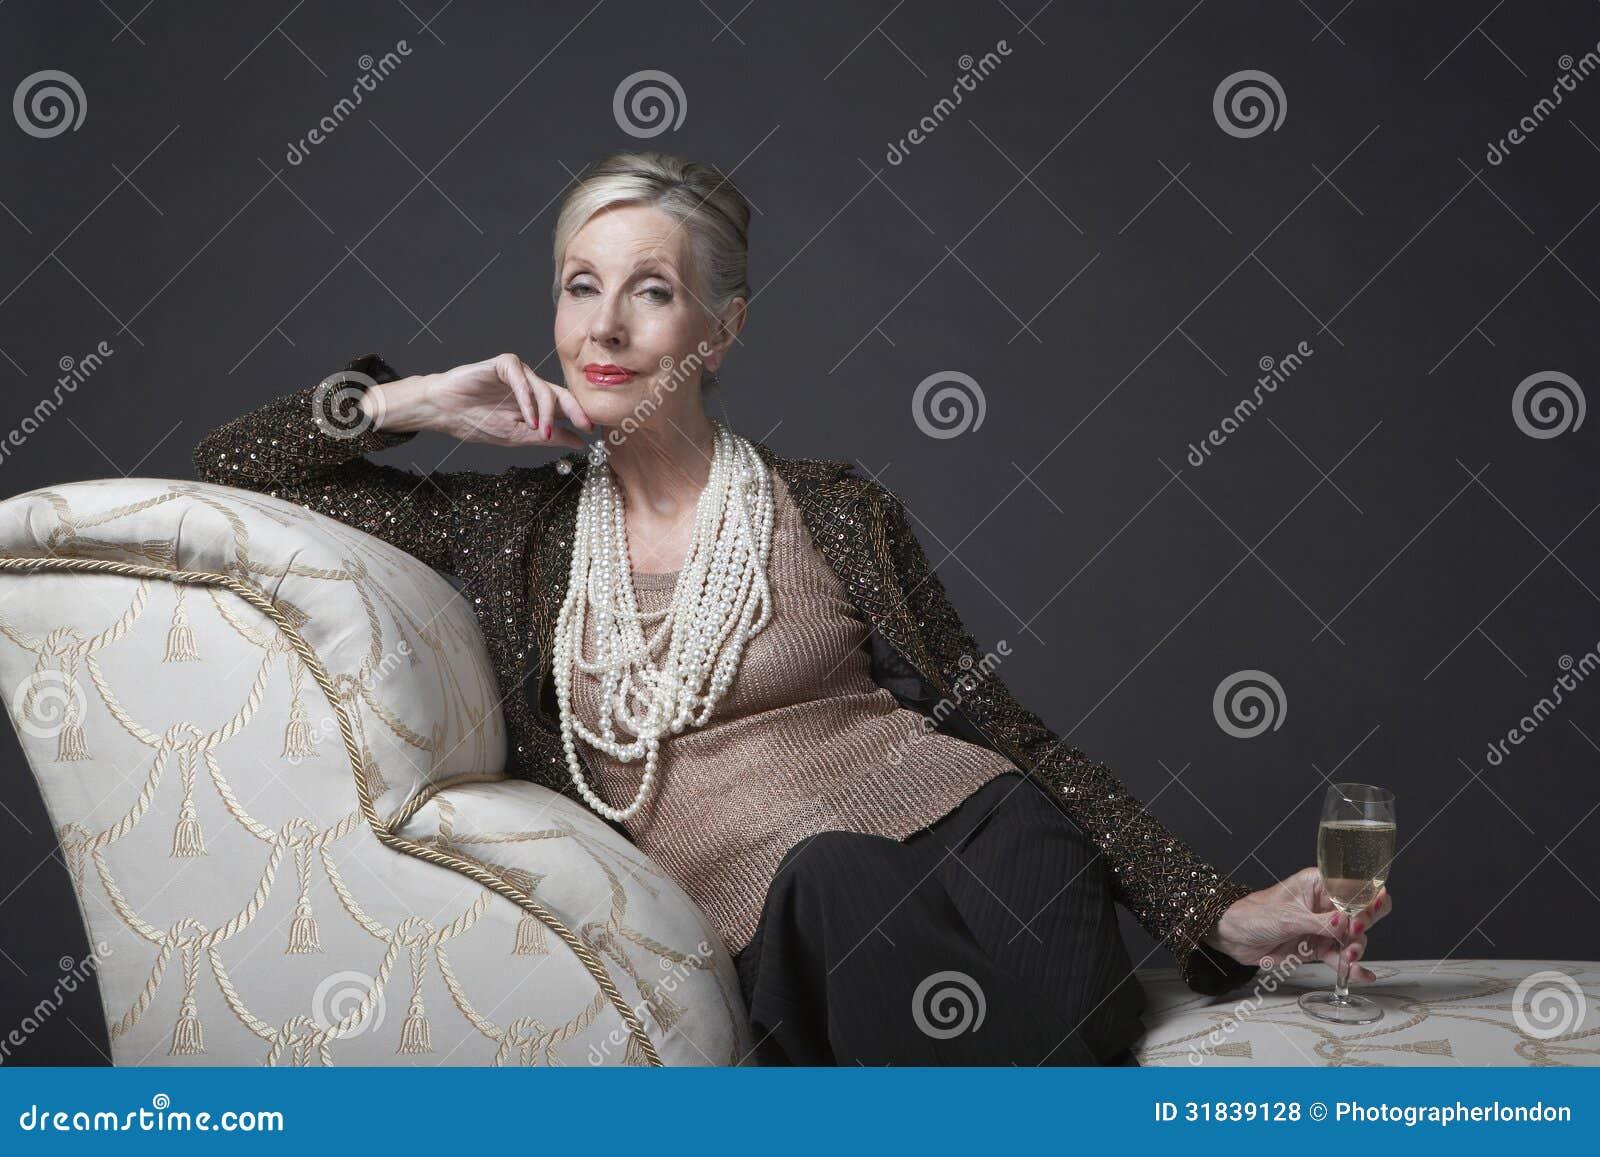 zralé ženy foto mature sex foto